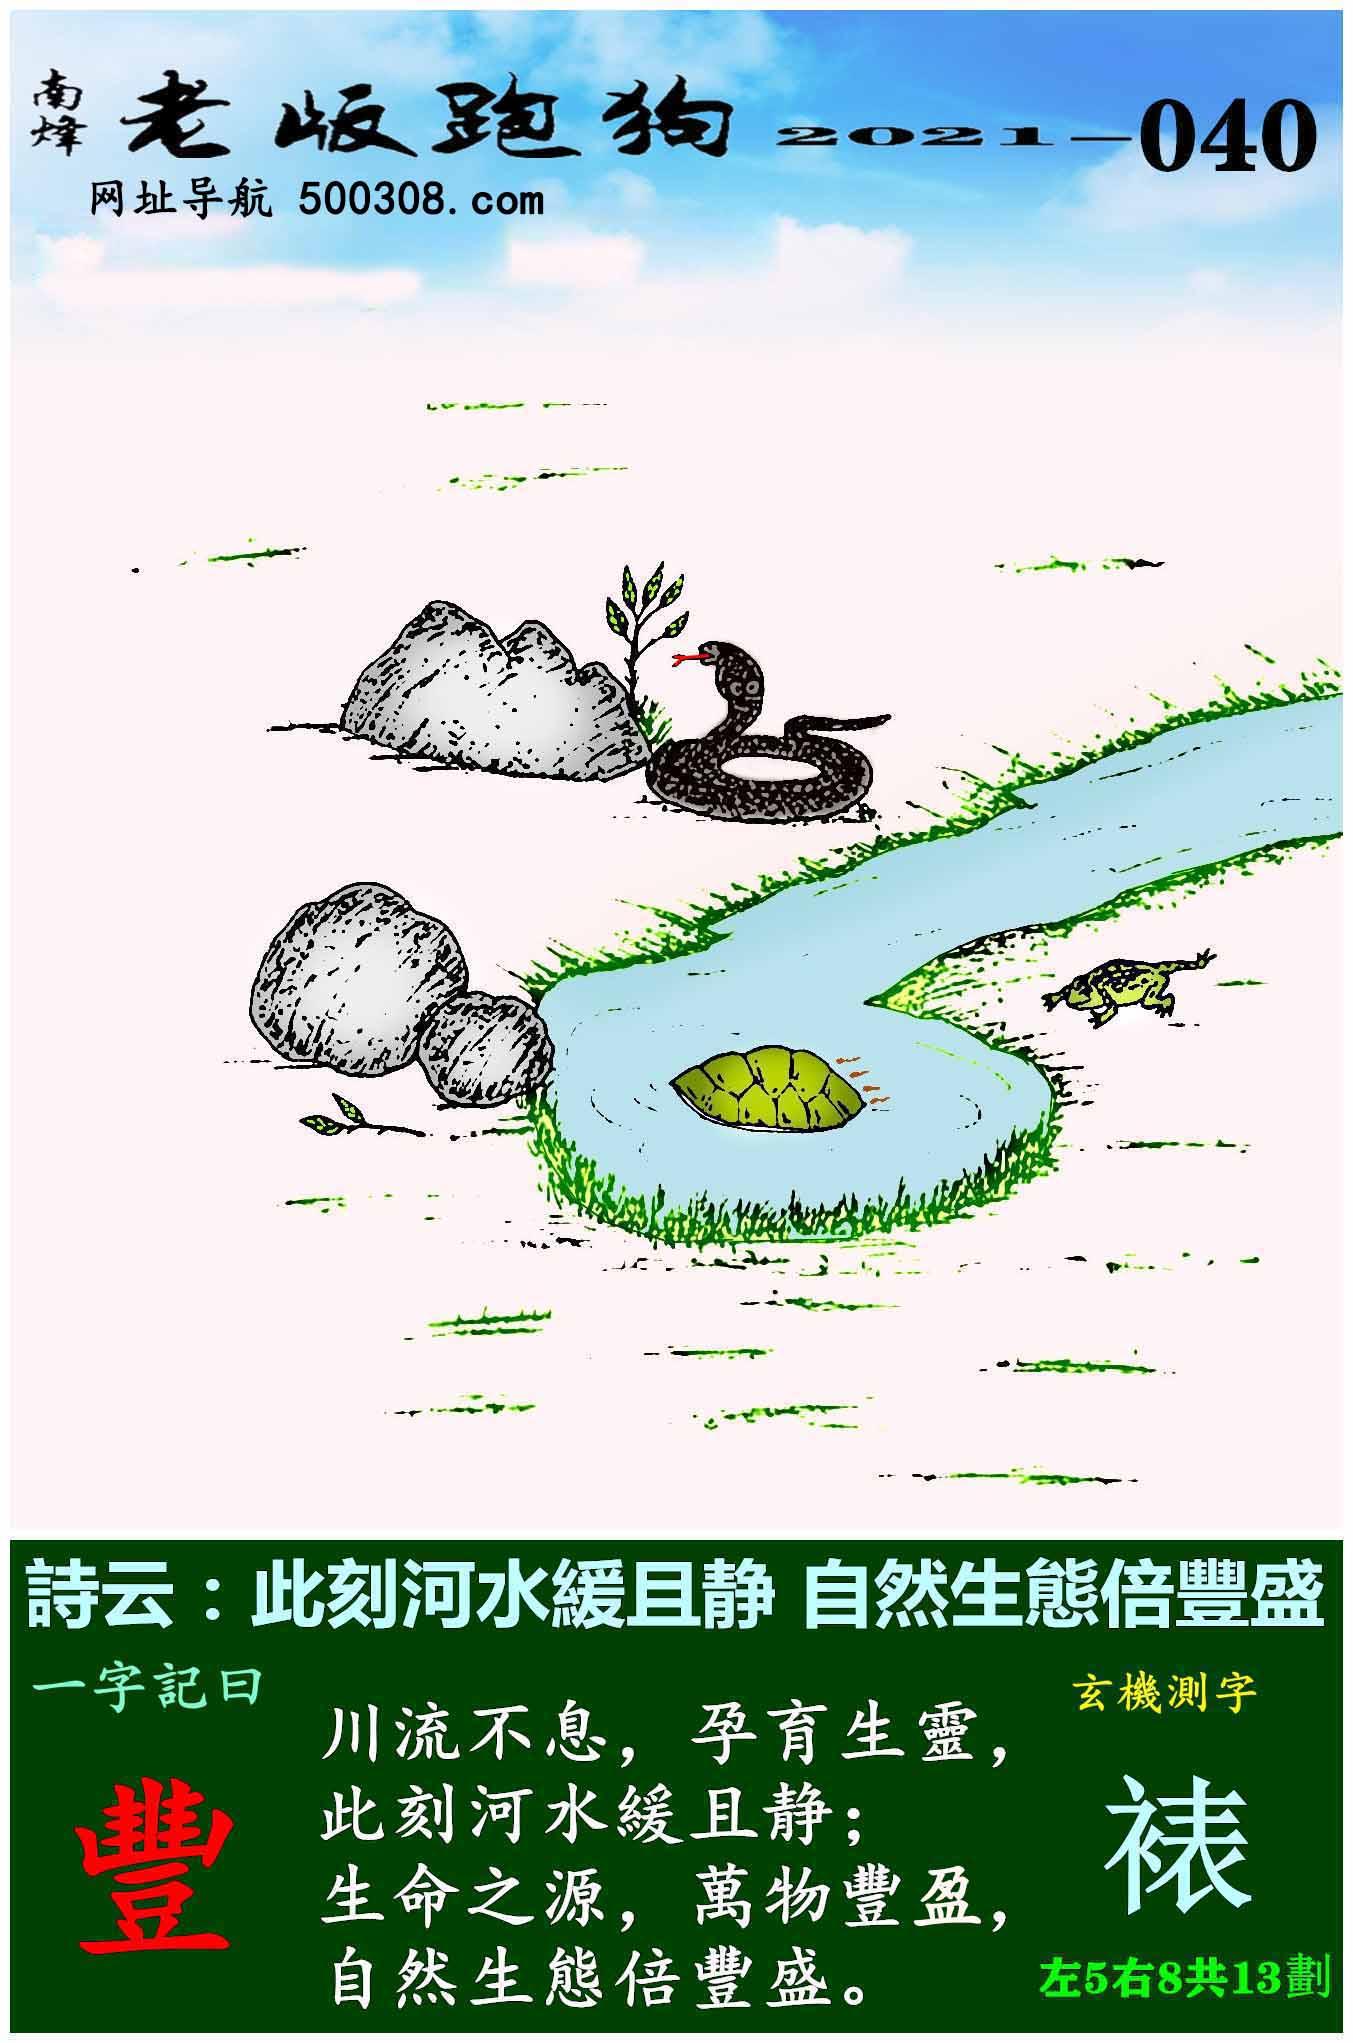 040期老版跑狗一字�之曰:【�S】 ��:此刻河水�且静,自然生�B倍�S盛。